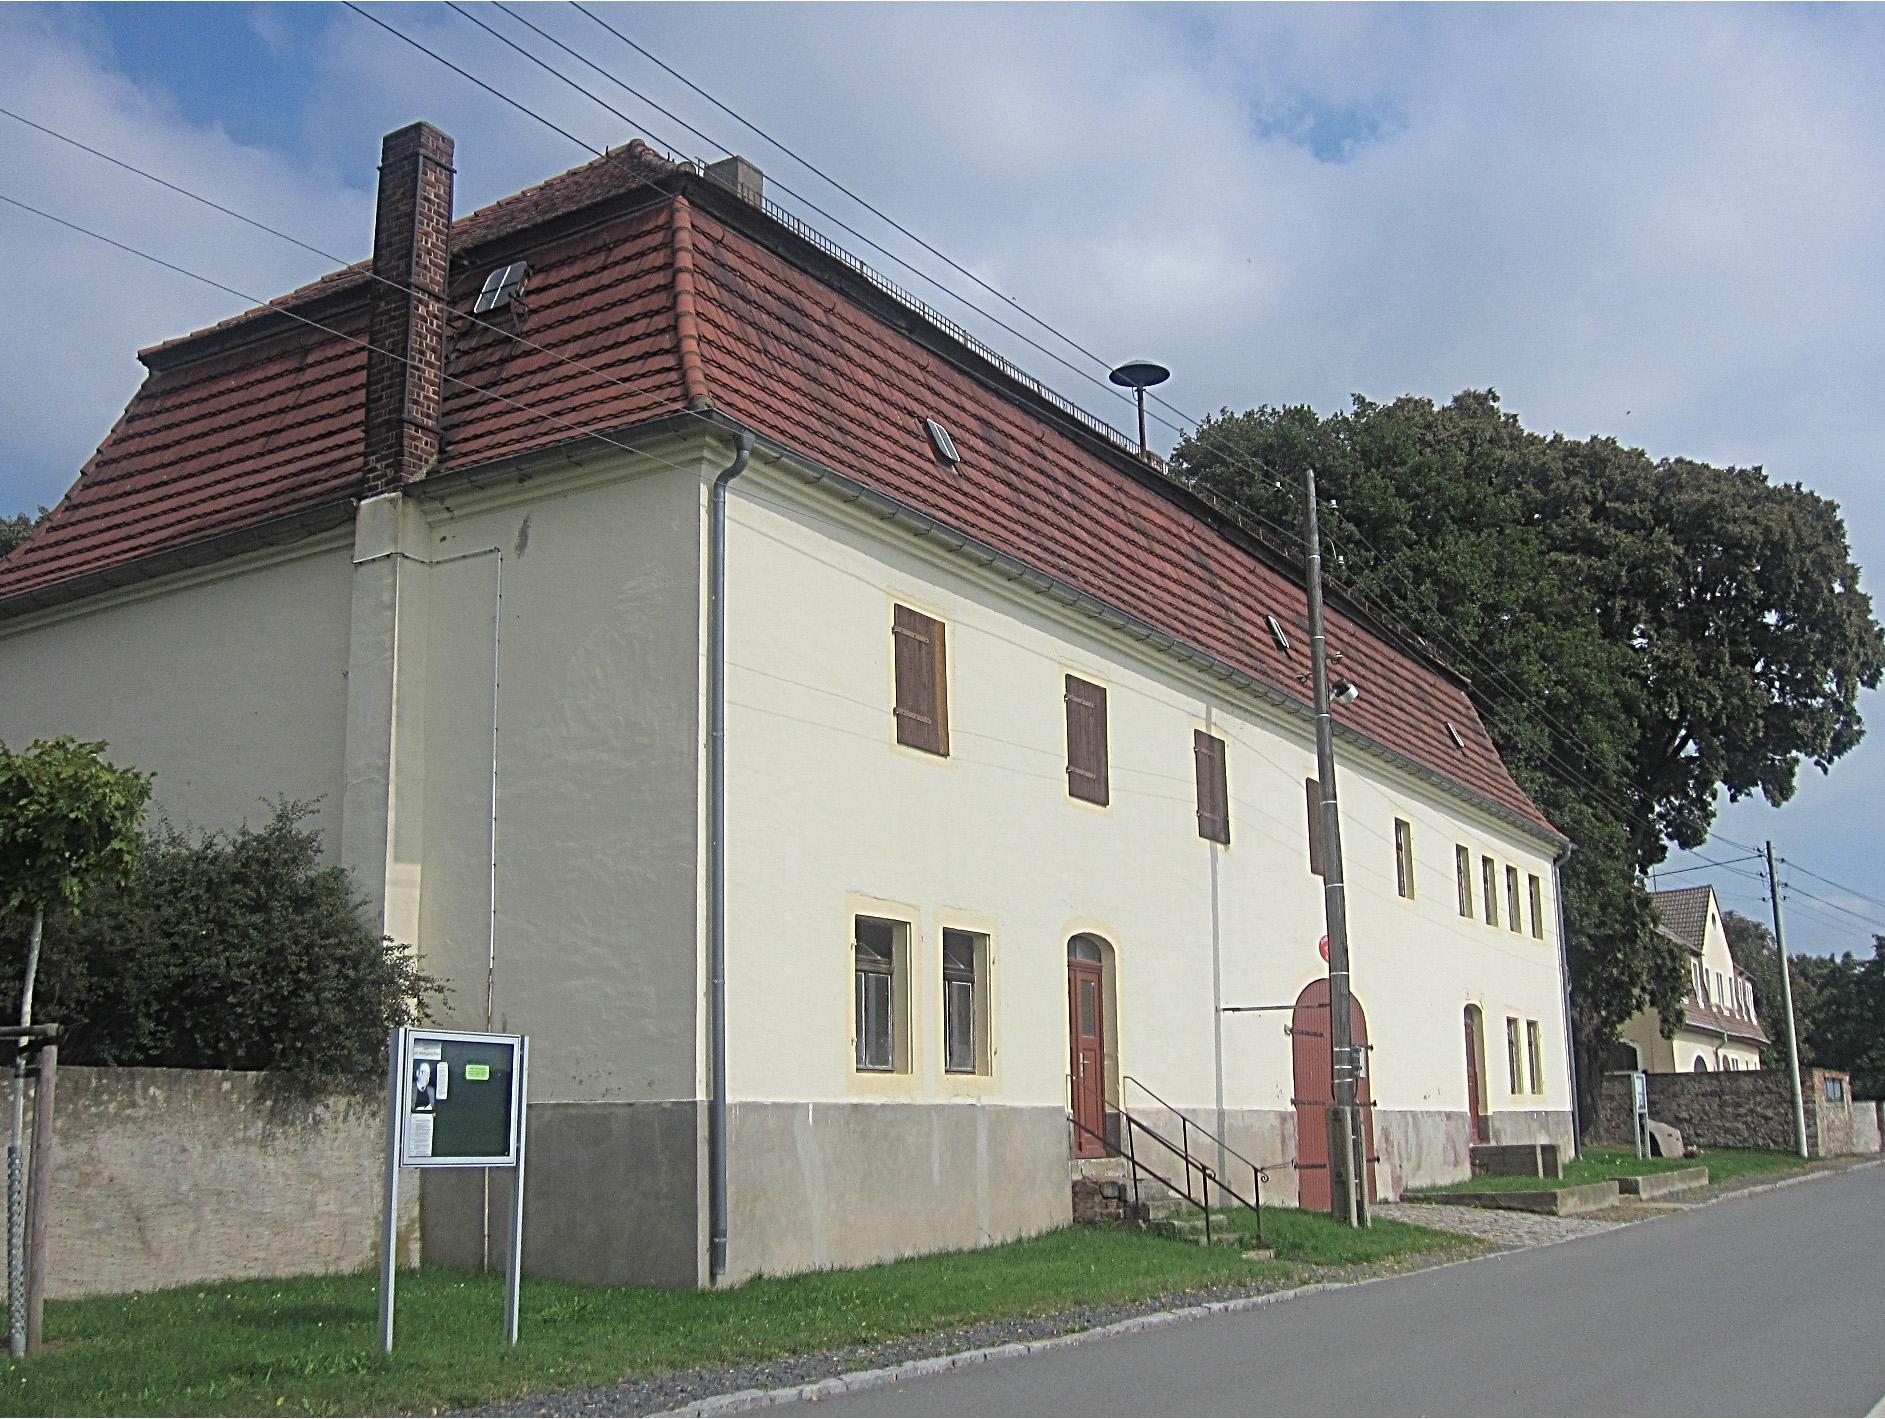 Lorenzkirch_08